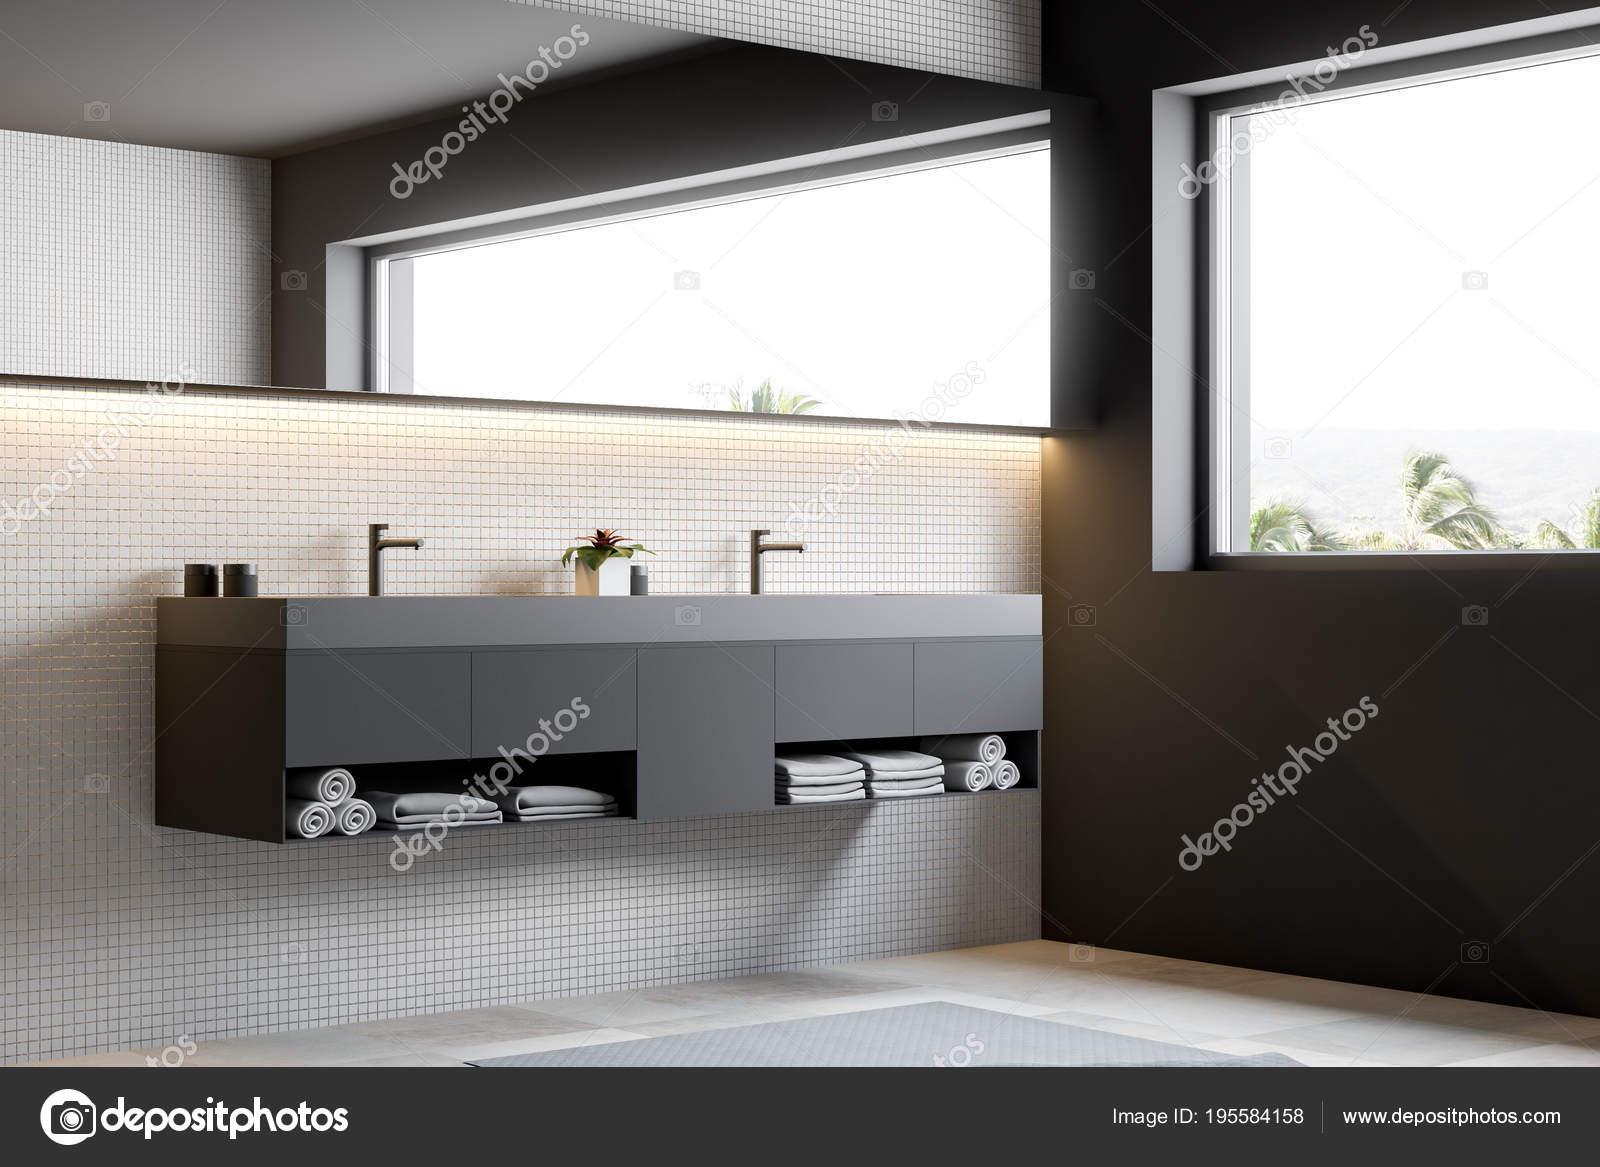 Bagno Con Mosaico Beige : Bagno in mosaico beige parete vista laterale doppio lavabo u foto